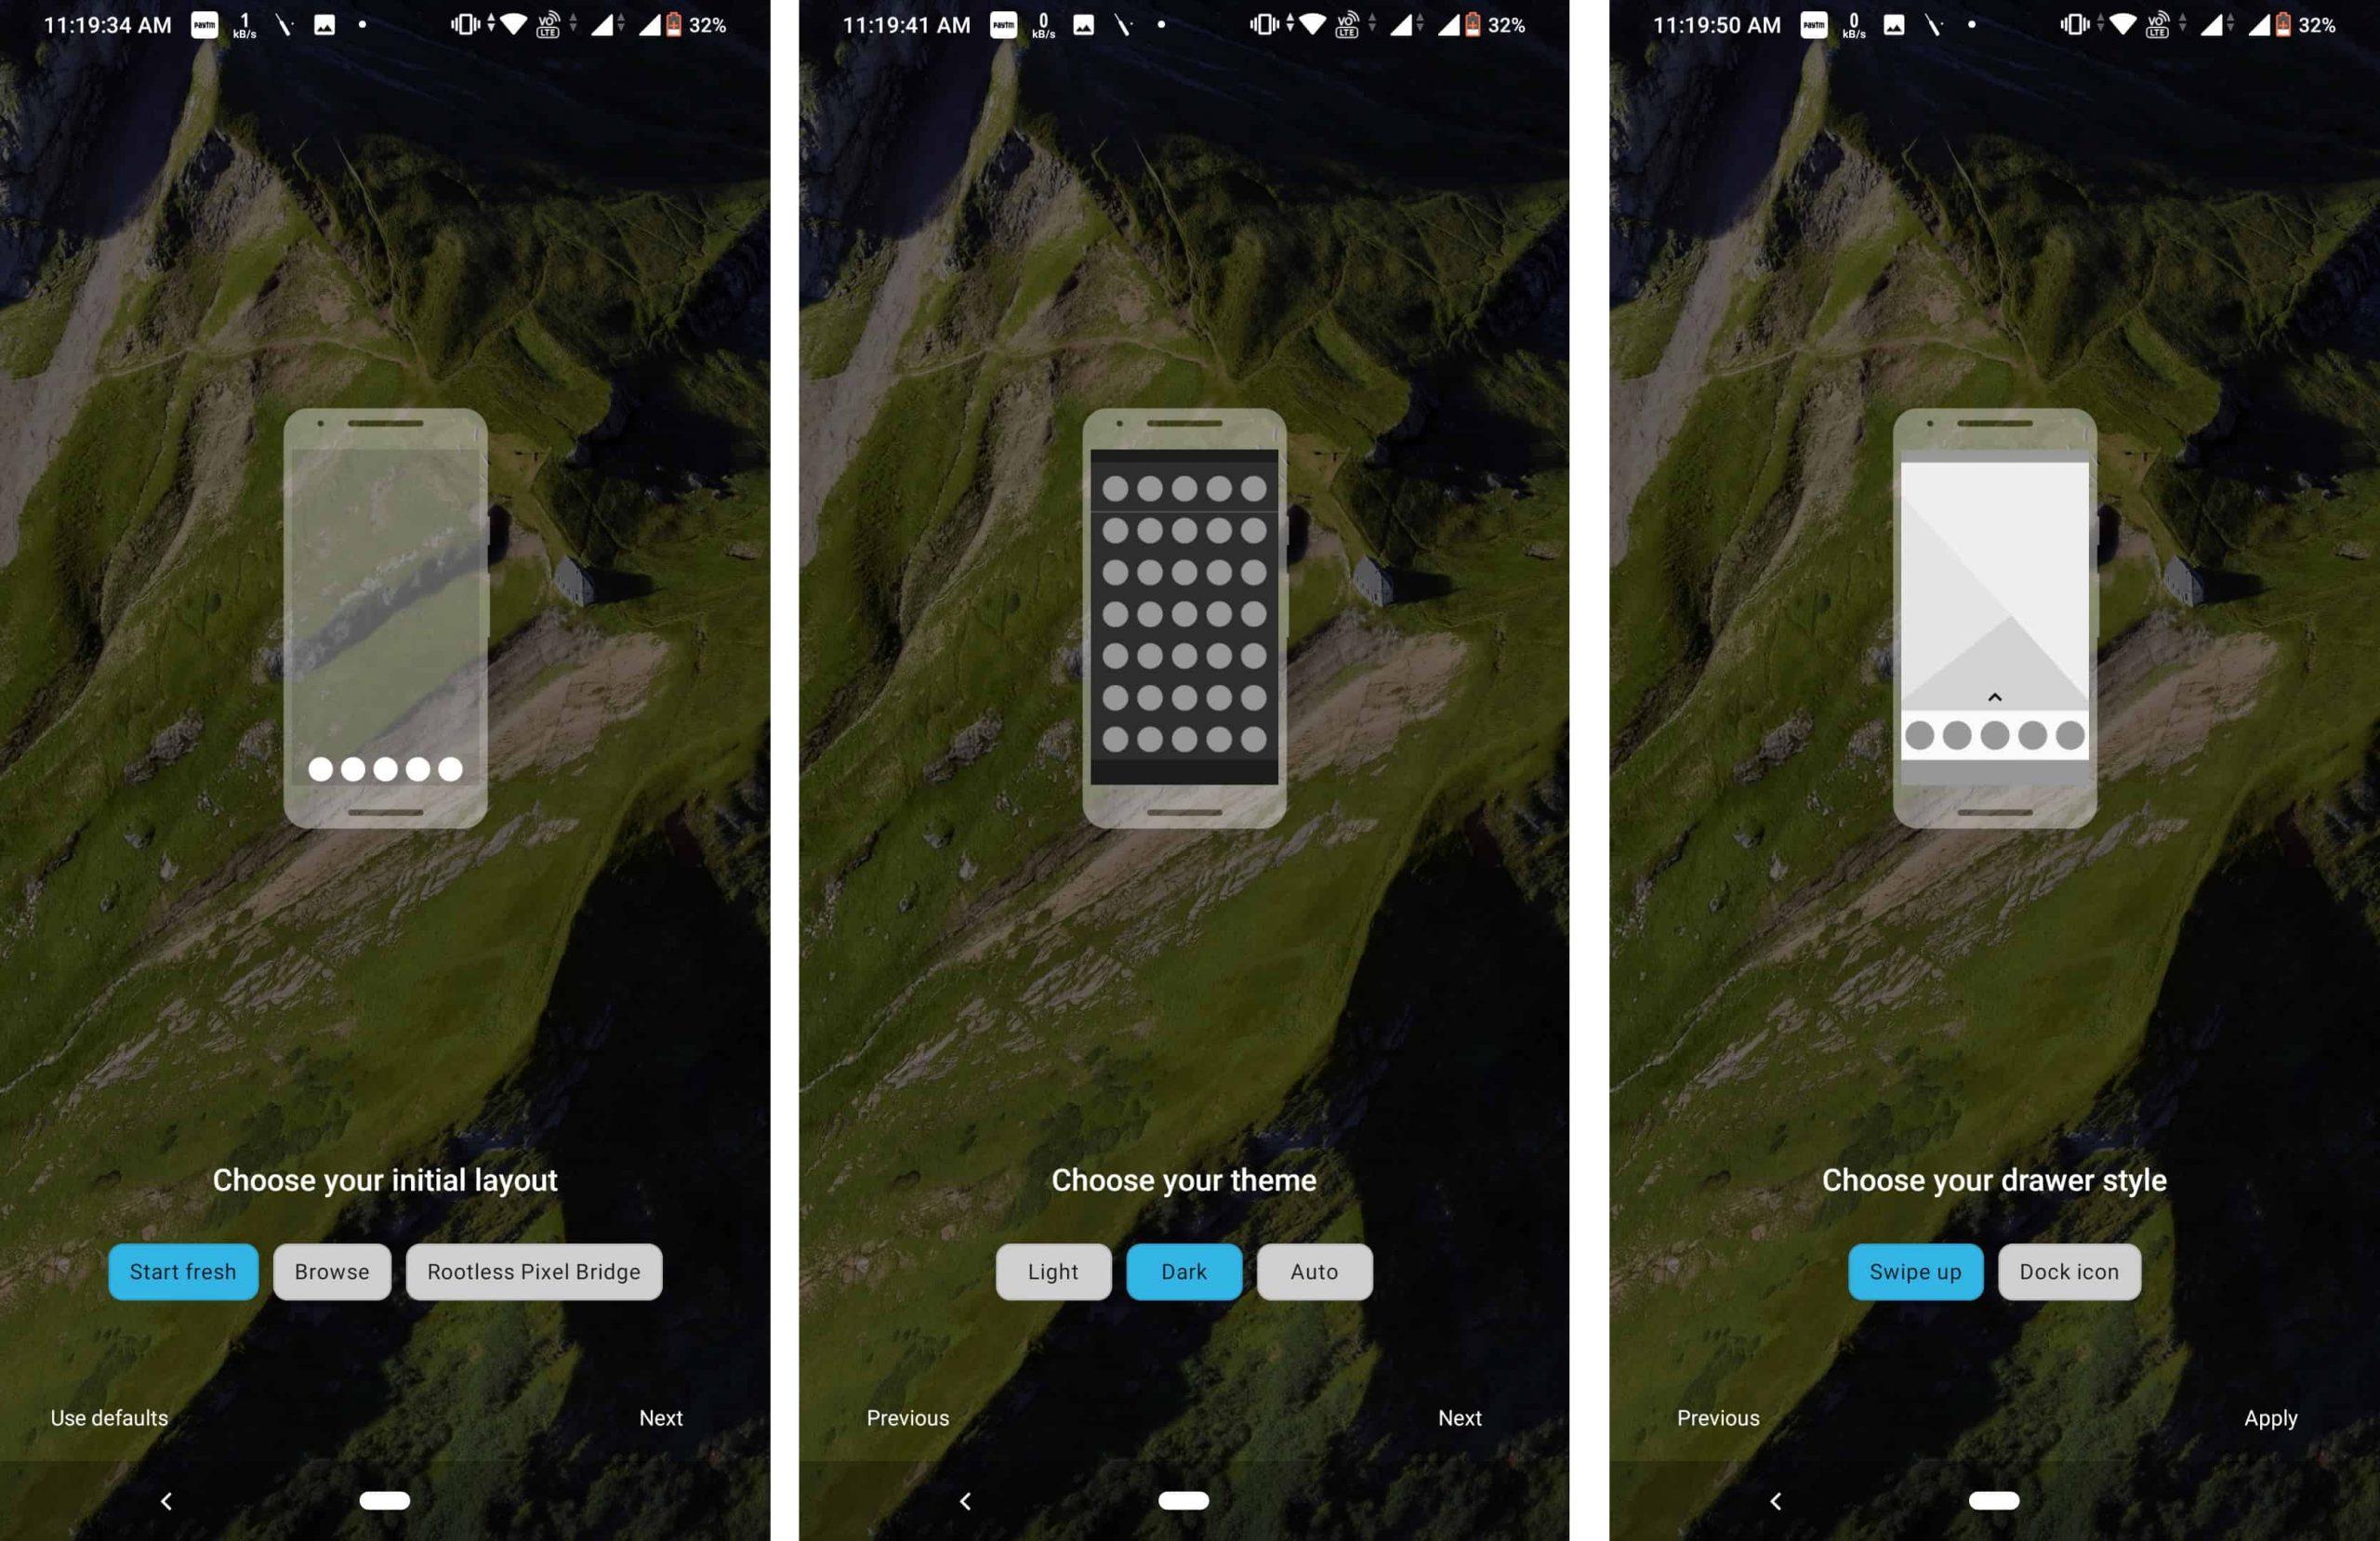 Nova Launcher - App Drawer